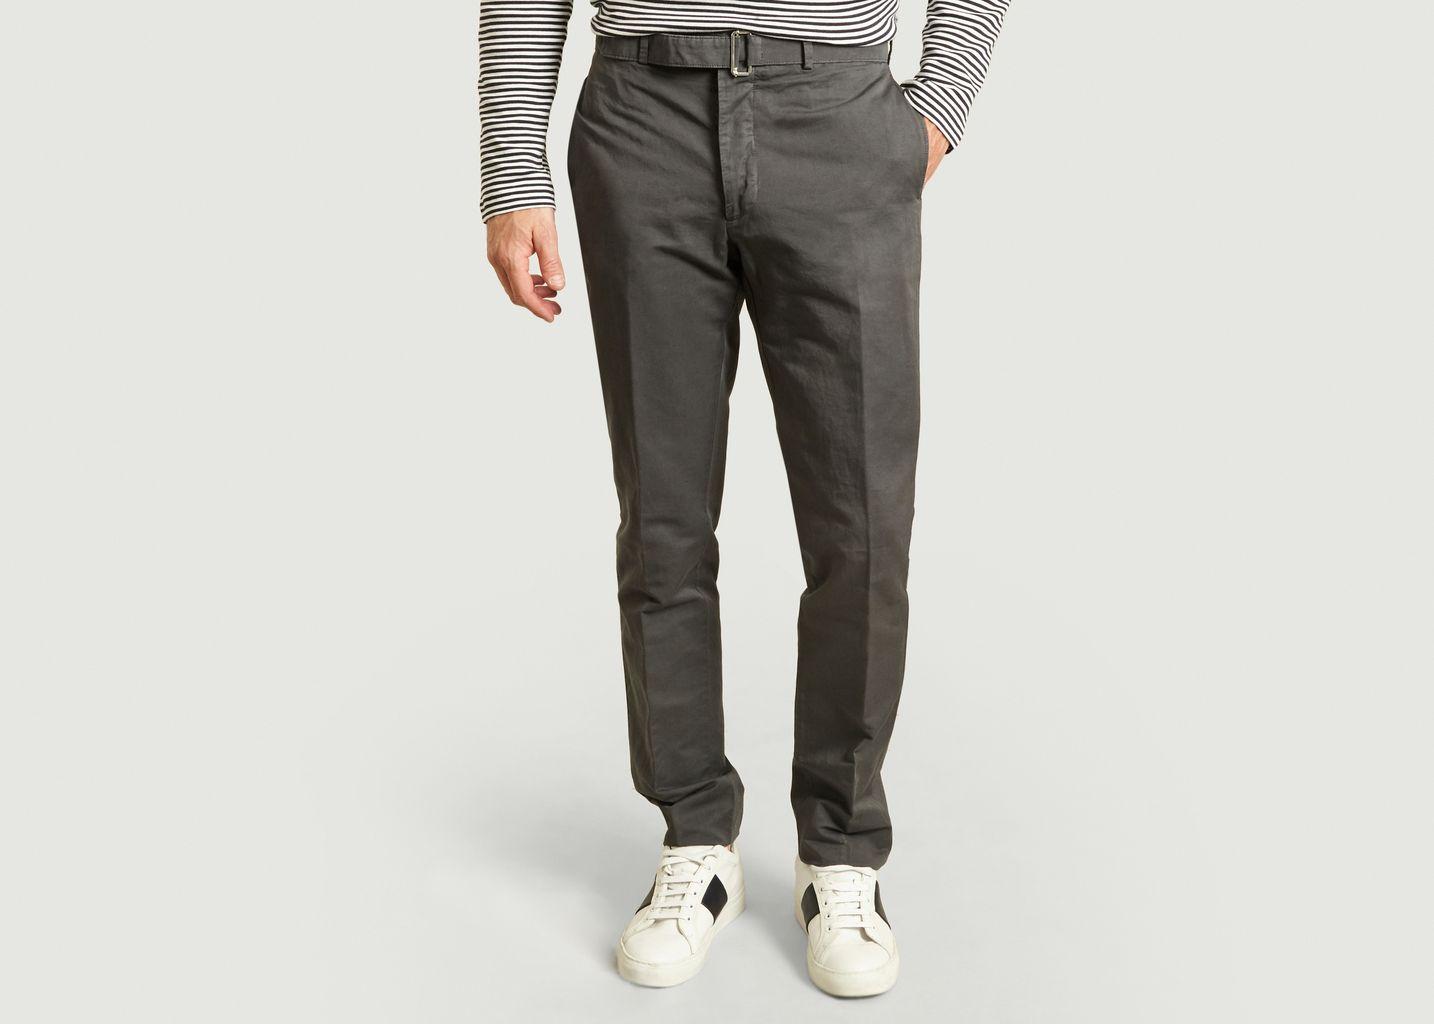 Pantalon de costume en coton et lin Paul - Officine Générale